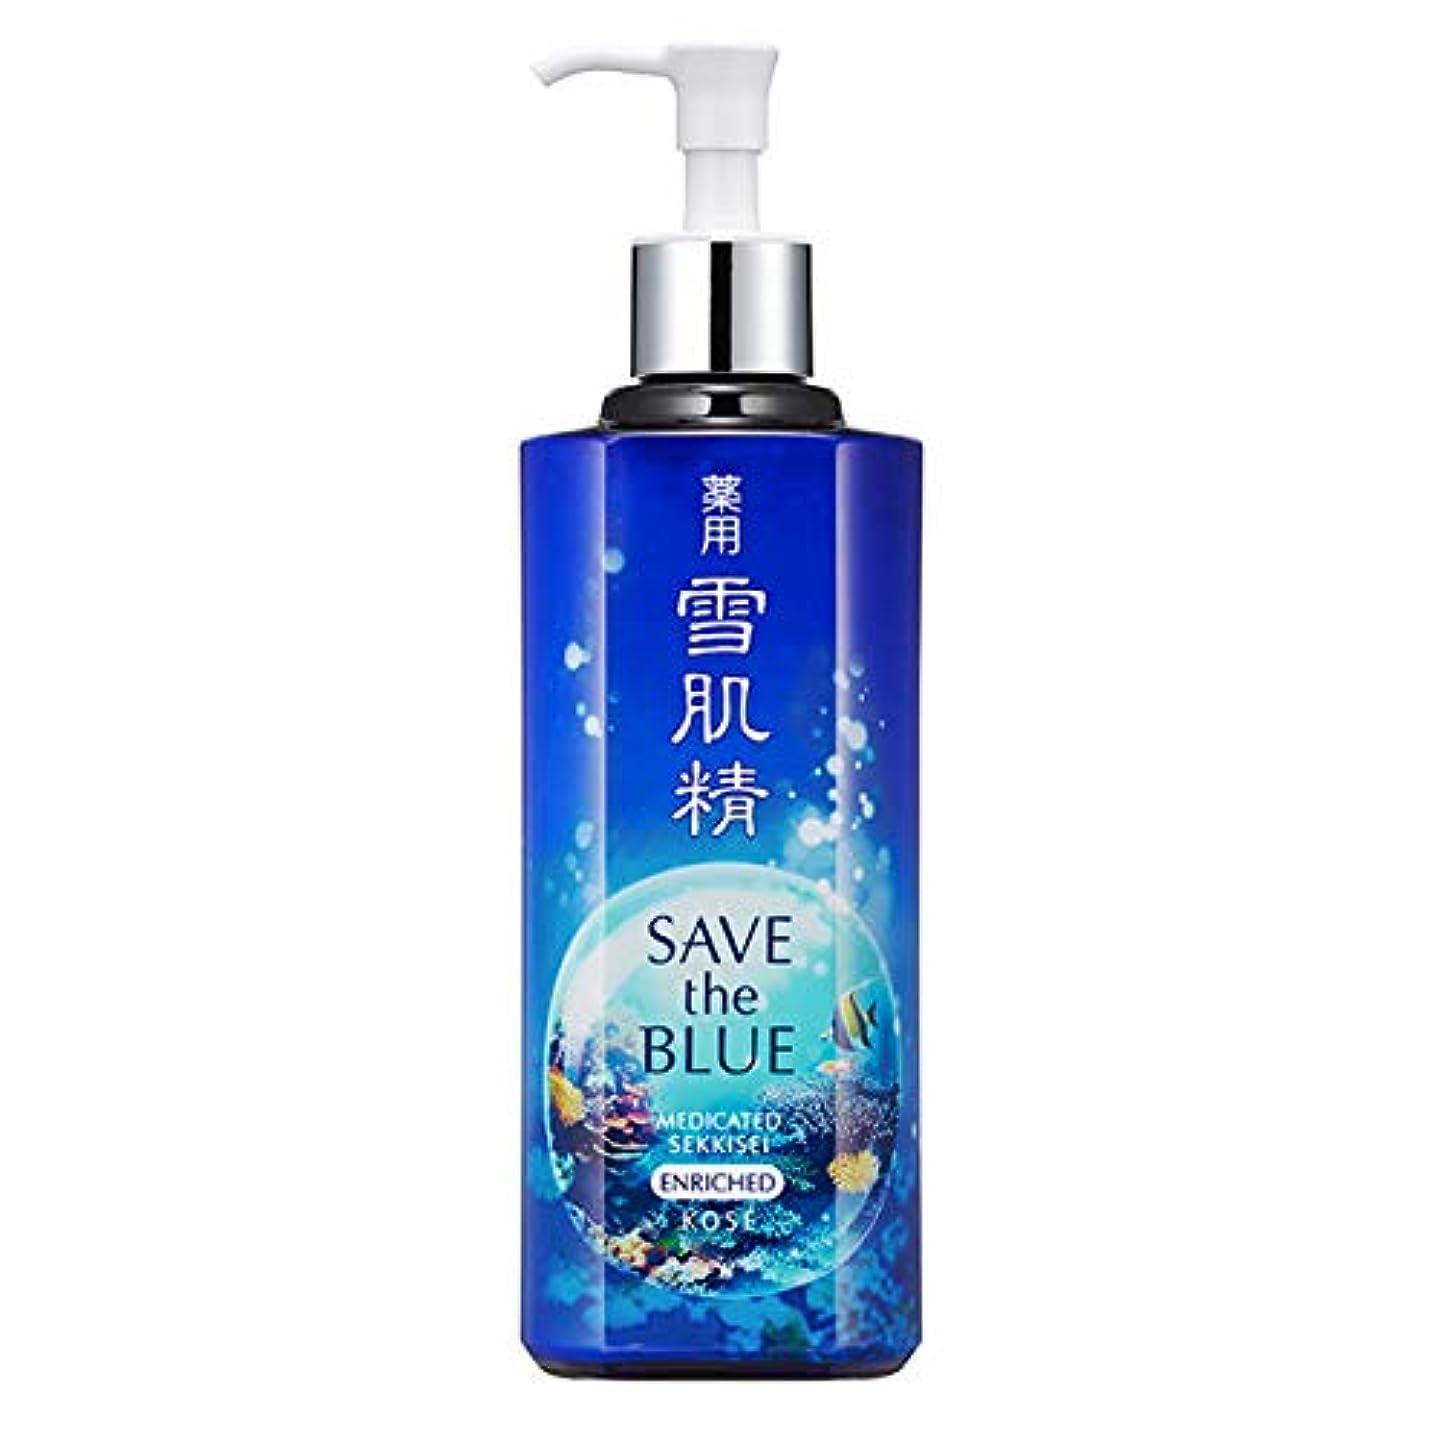 説明するシミュレートするラジカルコーセー 雪肌精 エンリッチ 「SAVE the BLUE」デザインボトル(しっとりタイプ) 500ml